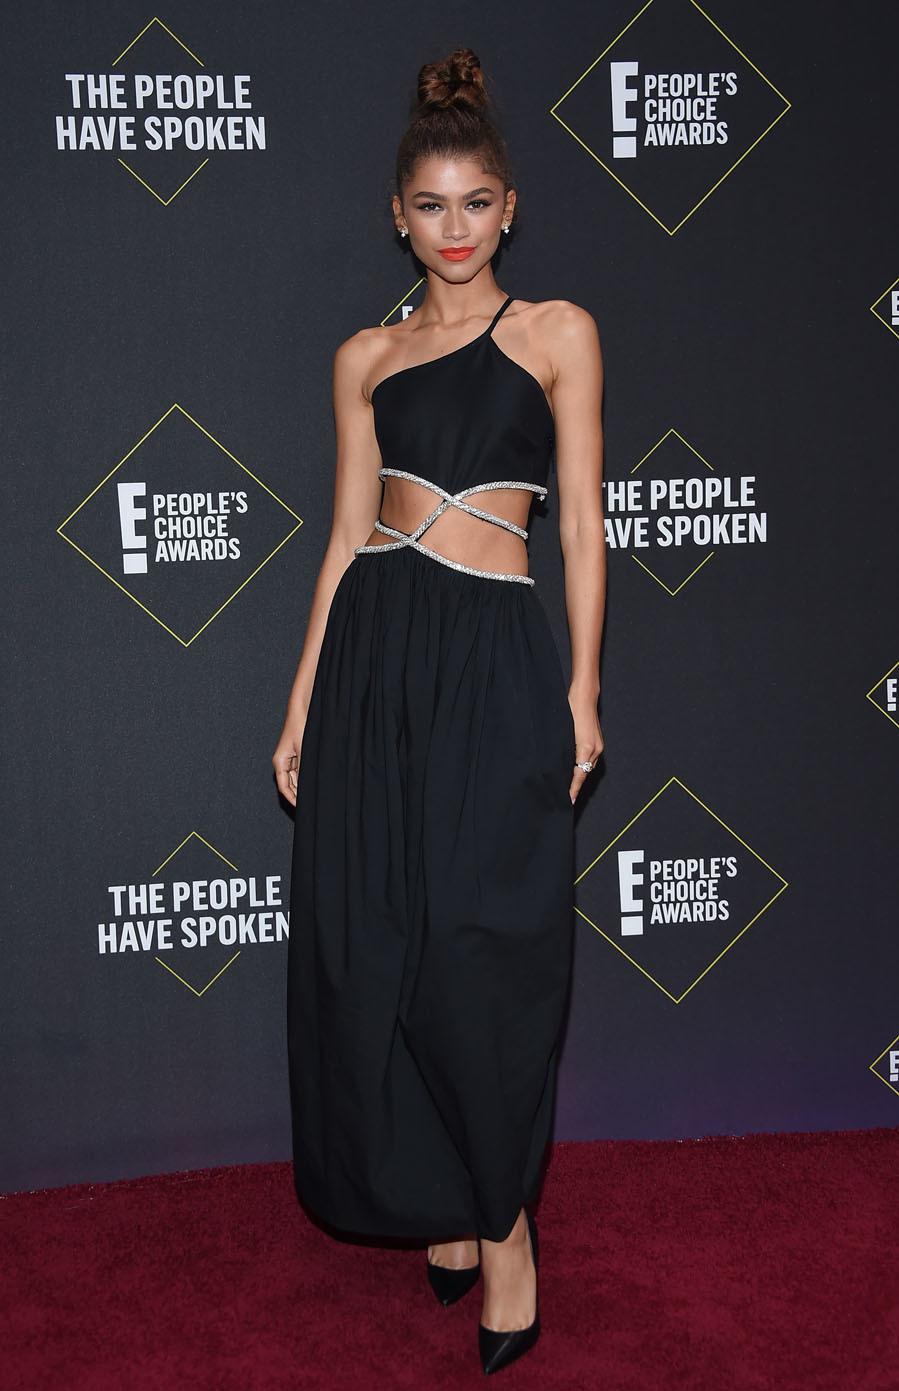 La actriz se convirtió en la celebrity favorita de la gala gracias a...